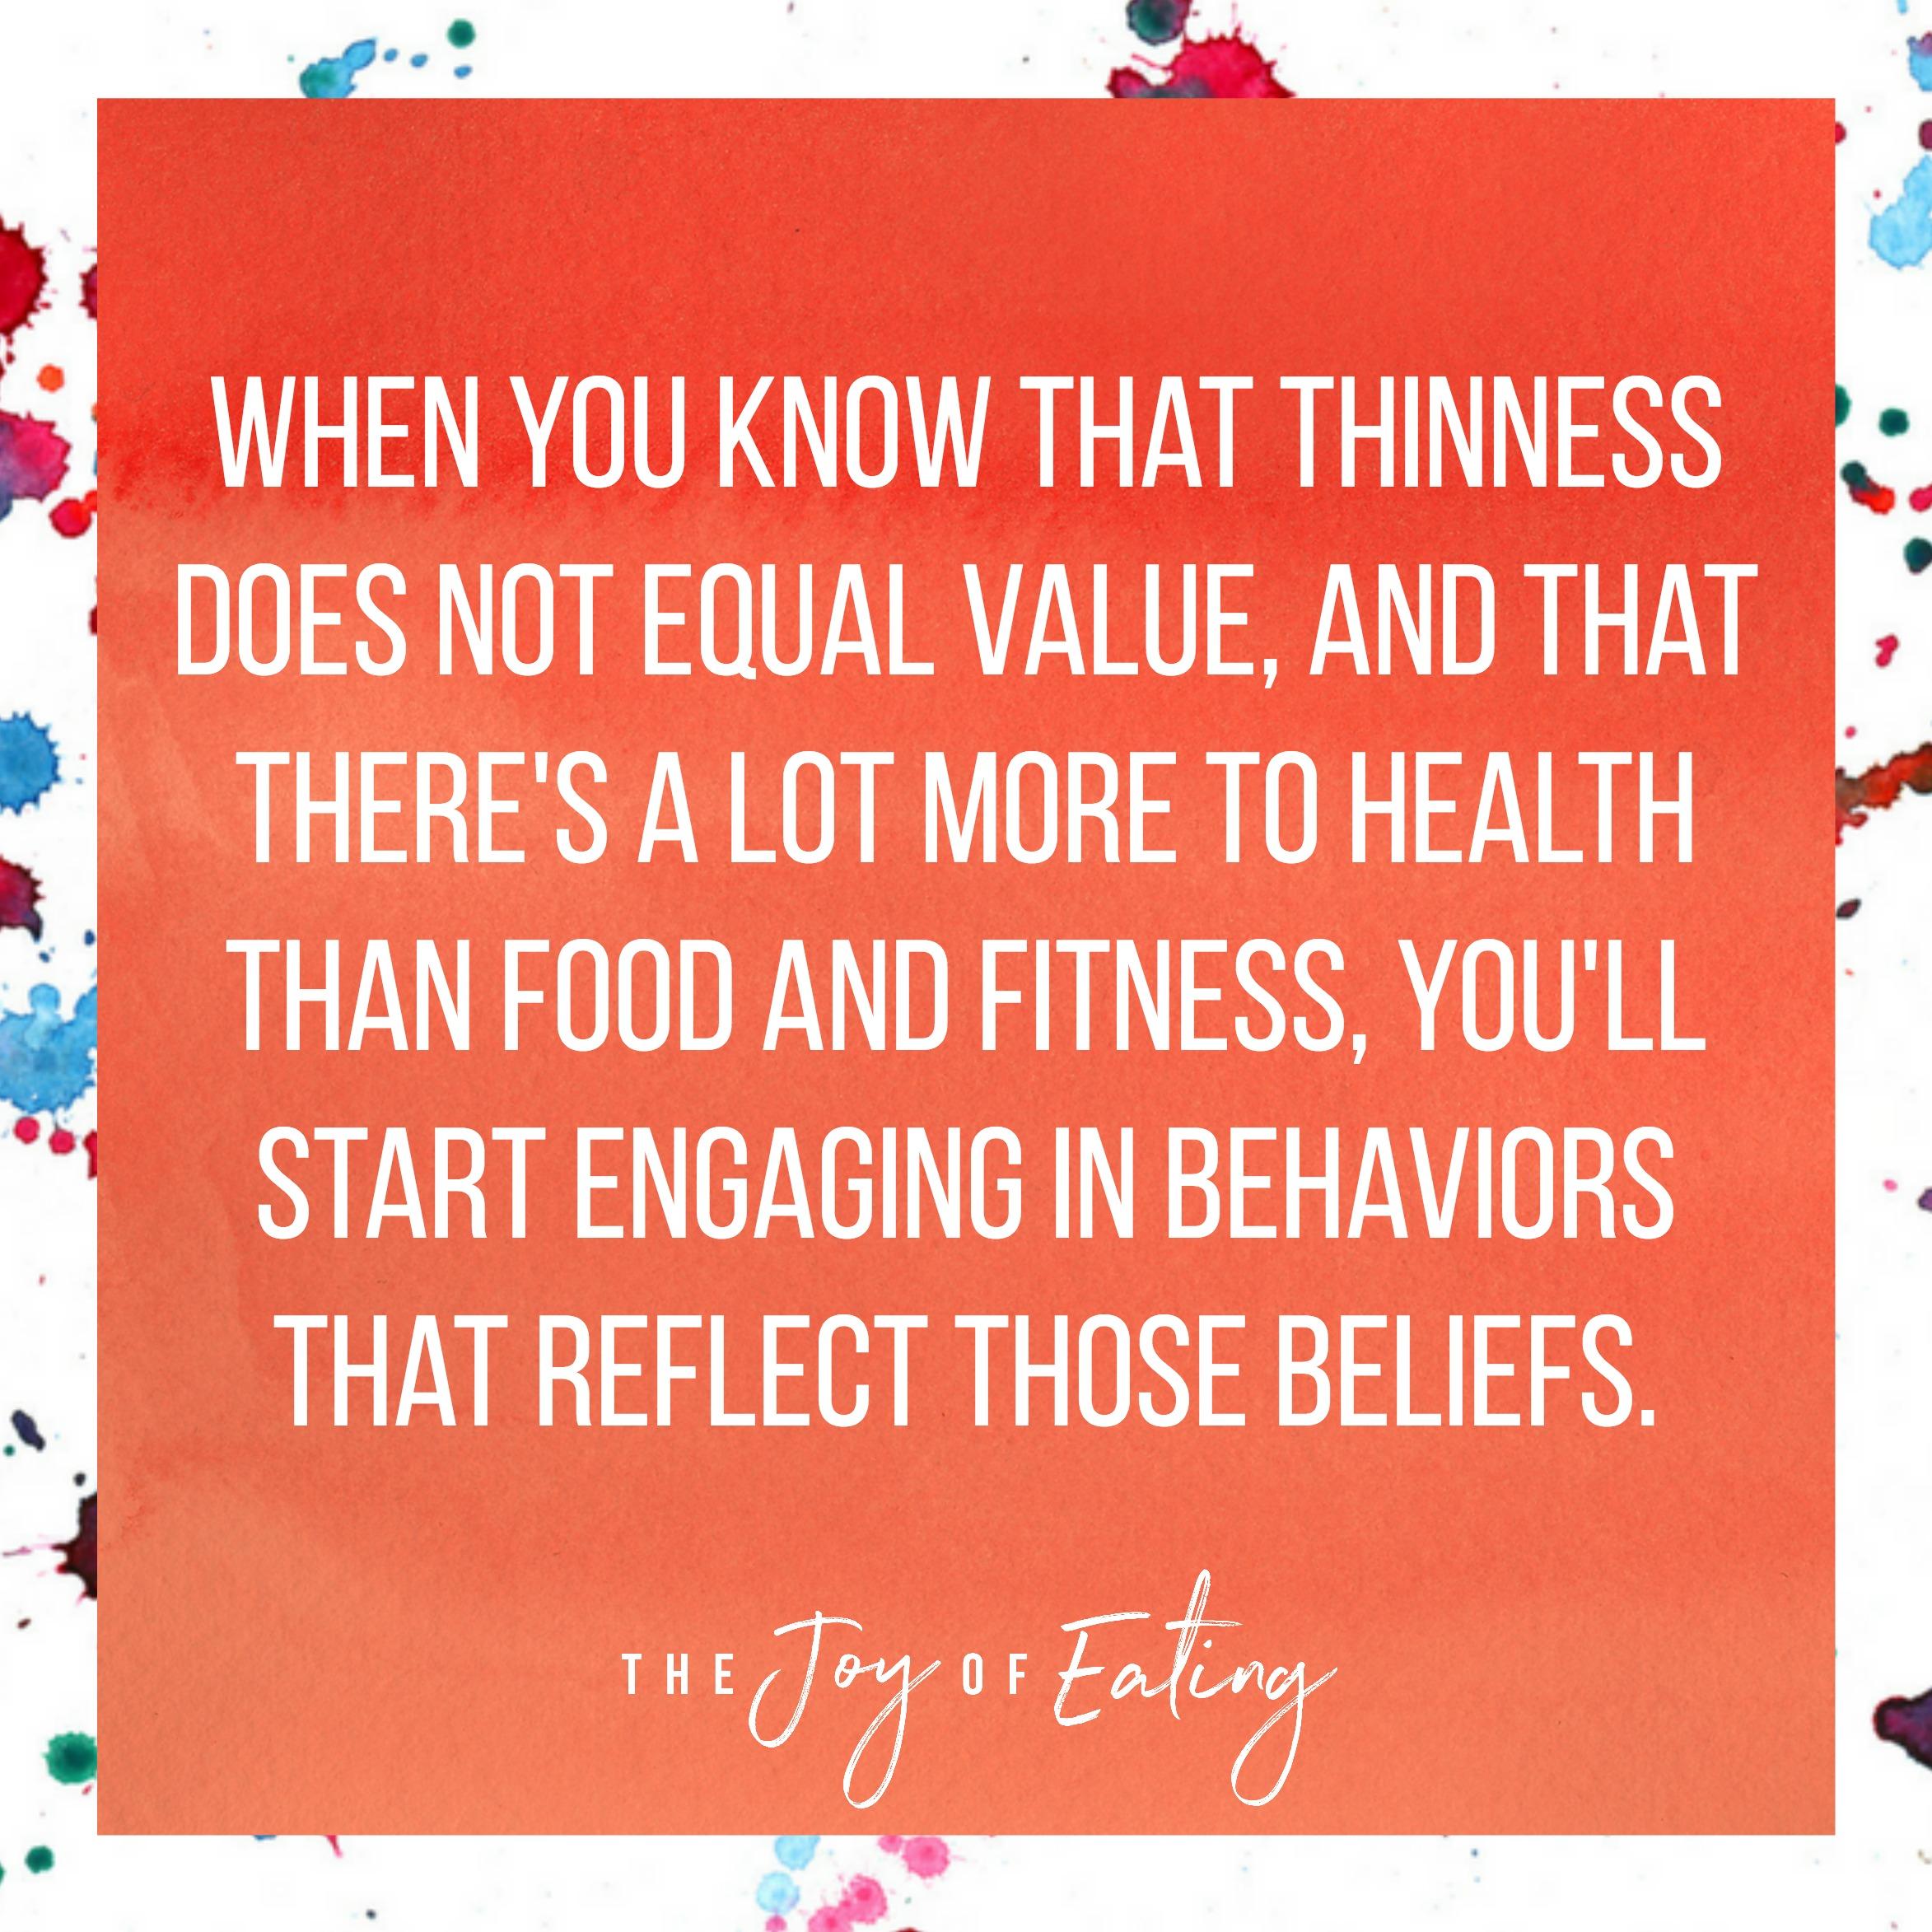 听着,世界上的道德健康,饮食如何,饮食中的道德健康,饮食中的道德伦理,#